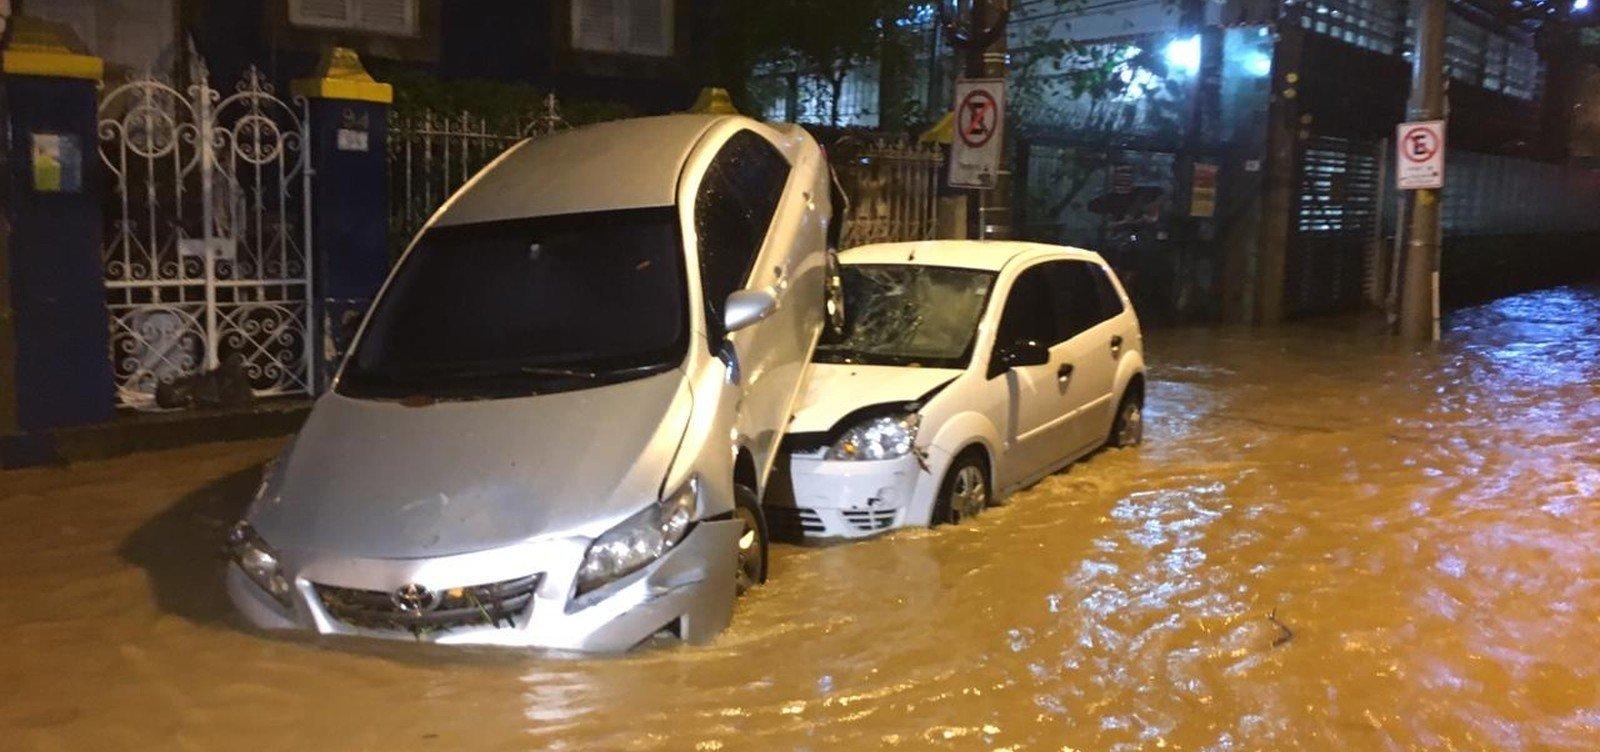 [Subiu para sete o número de mortos em temporal no Rio de Janeiro]